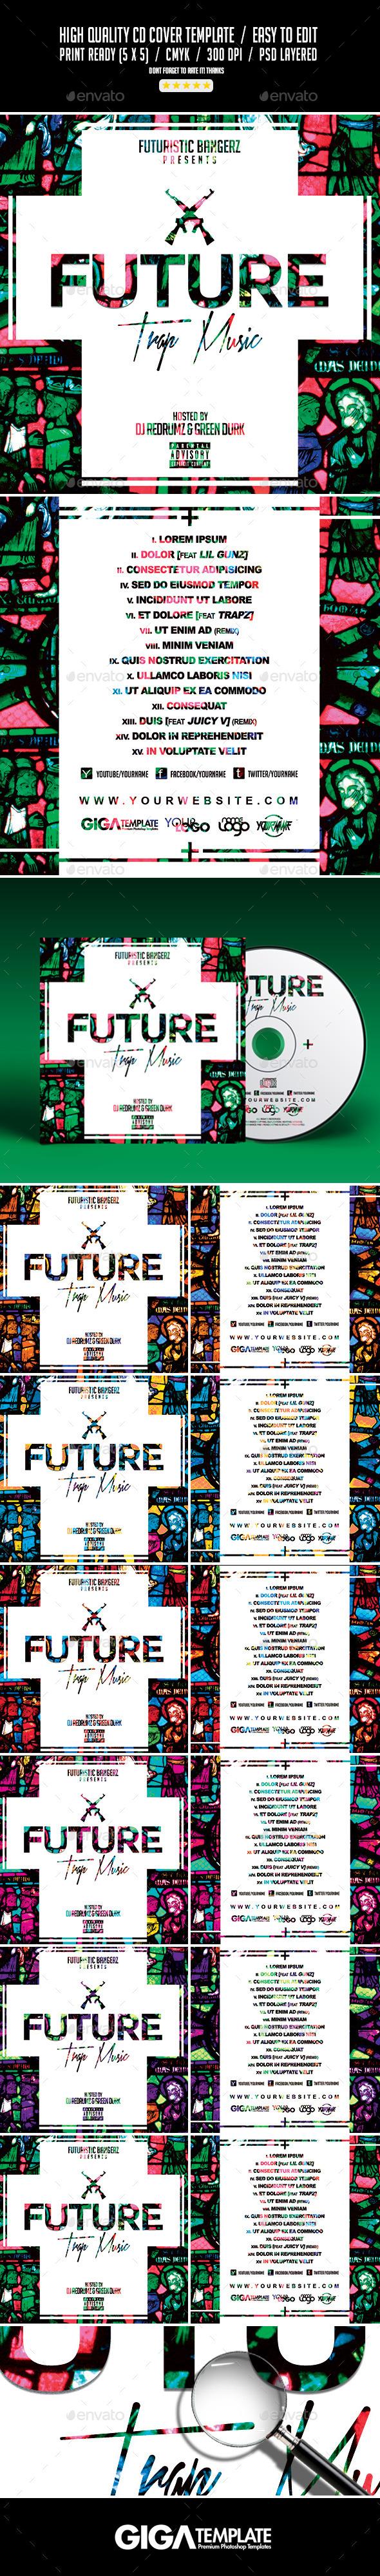 GraphicRiver Future Trap Music Mixtape Album Cover Template 11061320